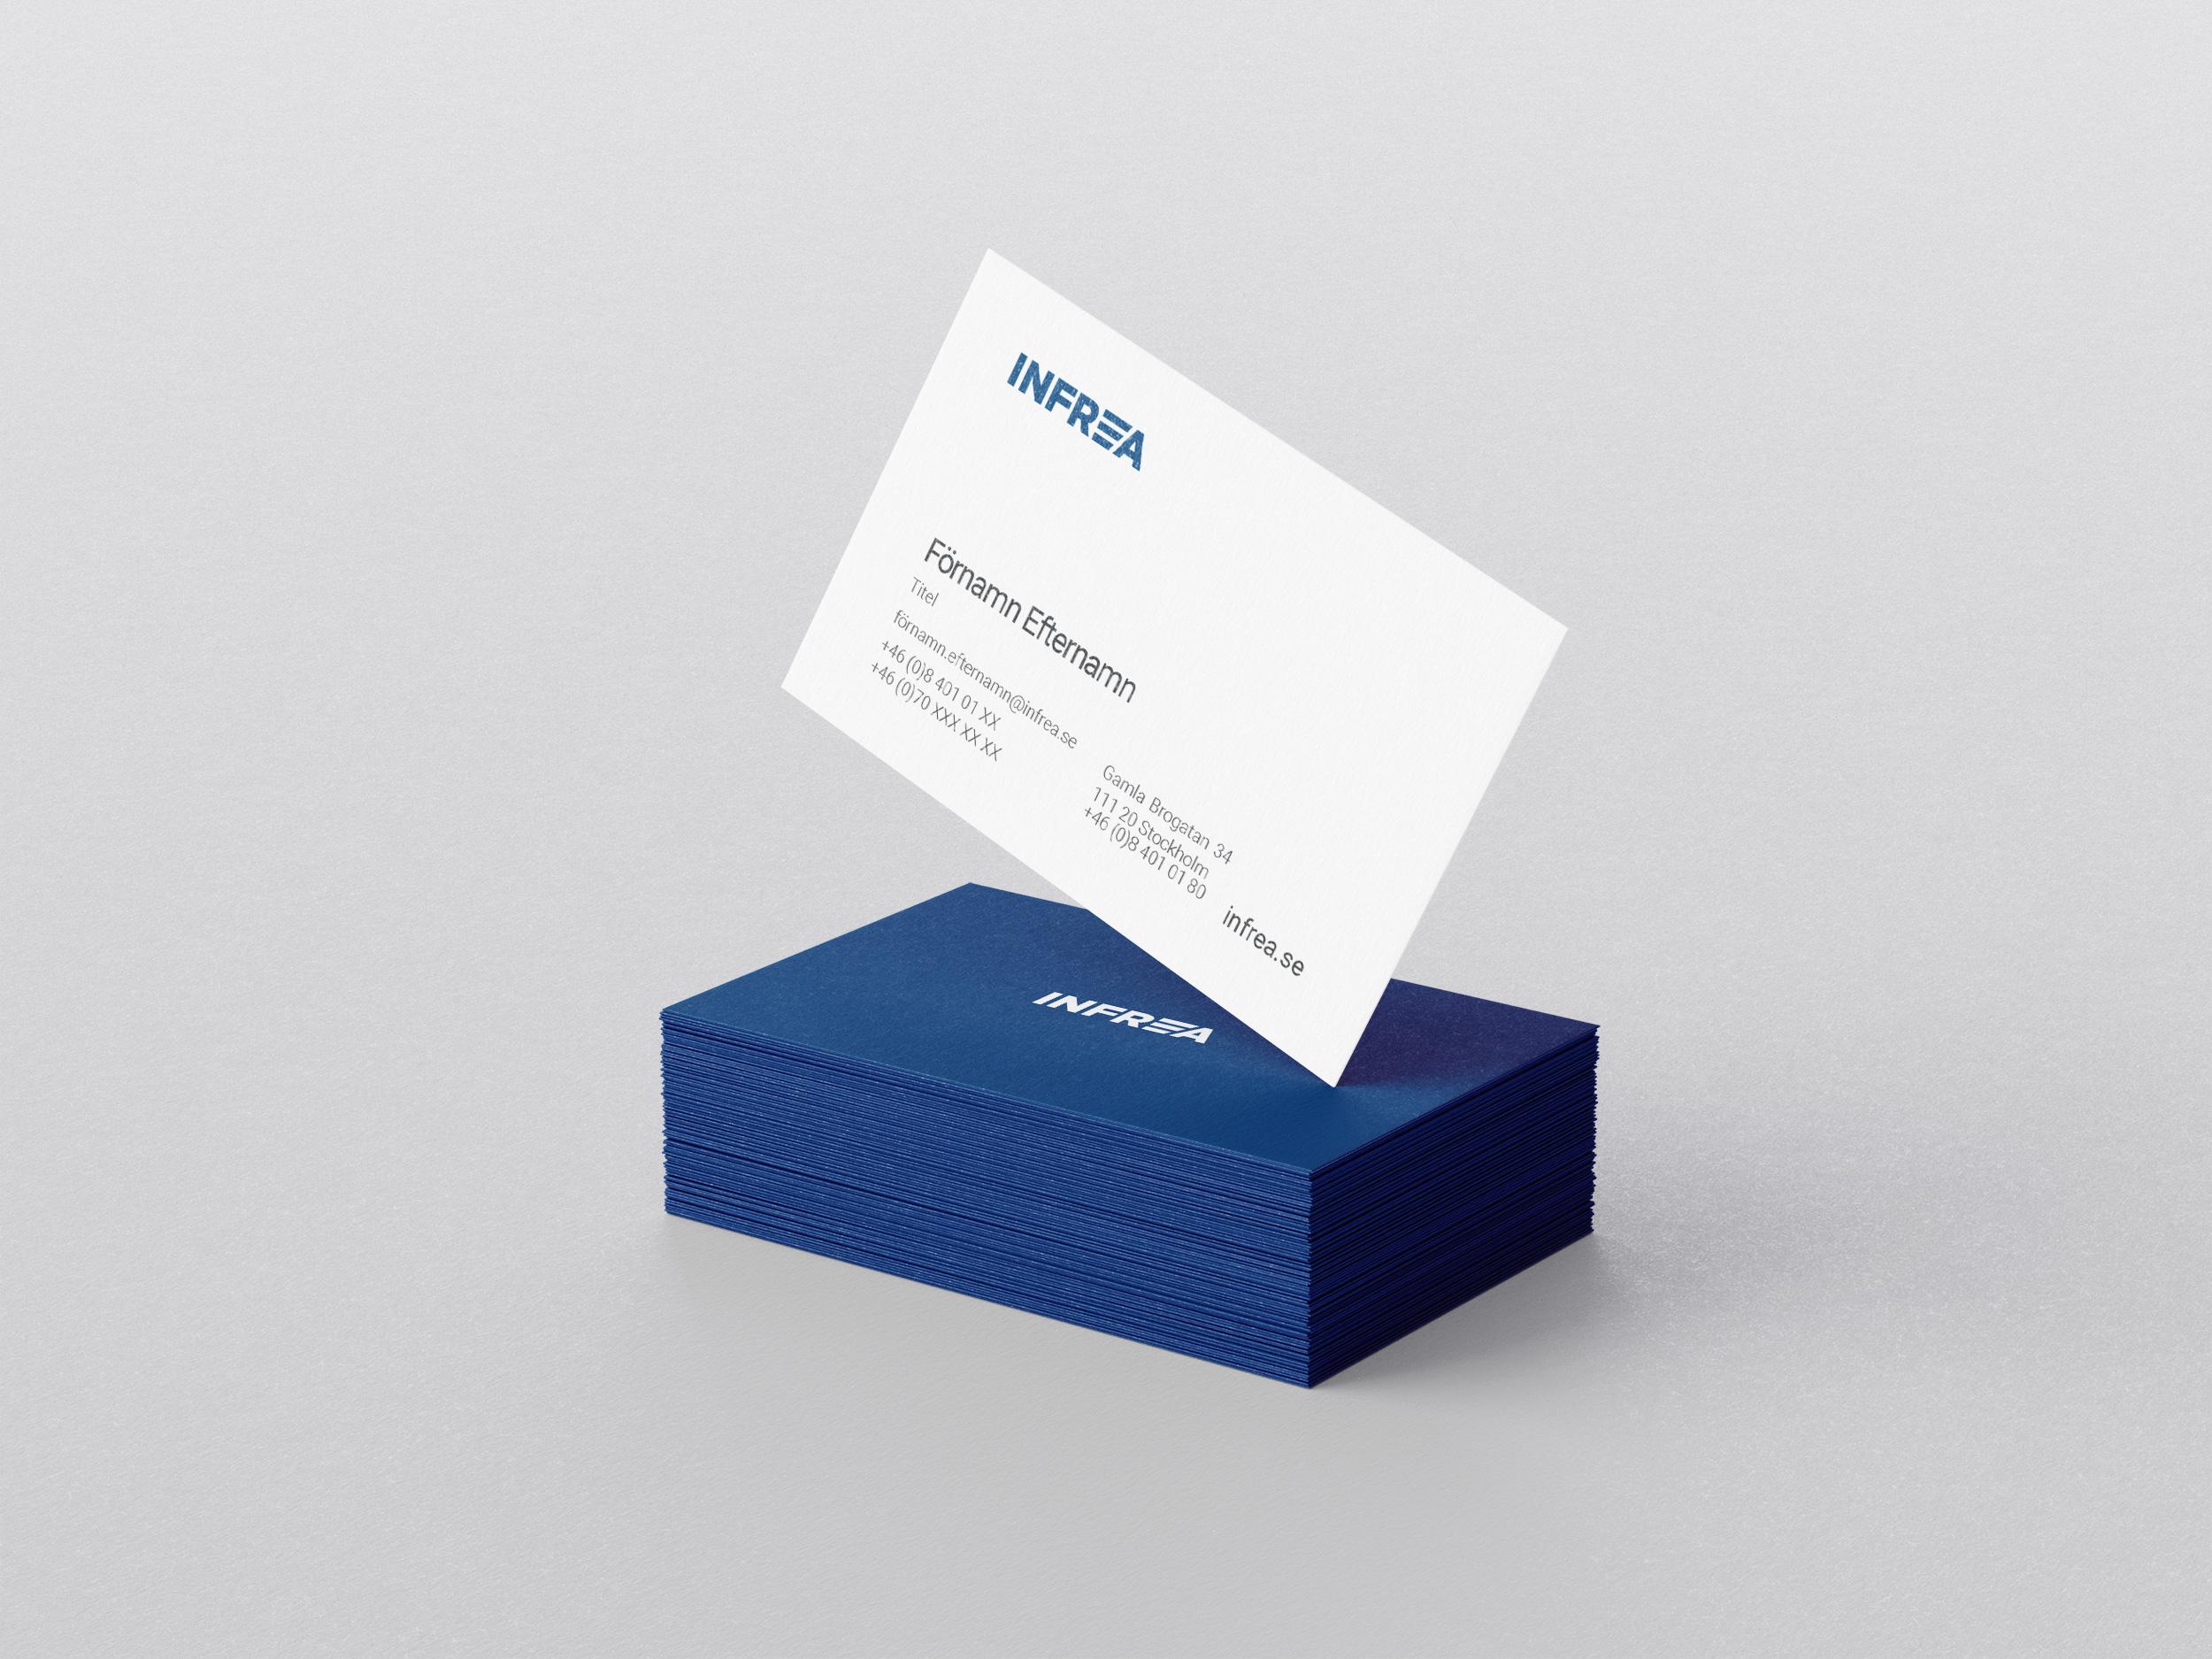 Mockup av Tribe Lounges design för Infreas visitkort, med instruktioner.